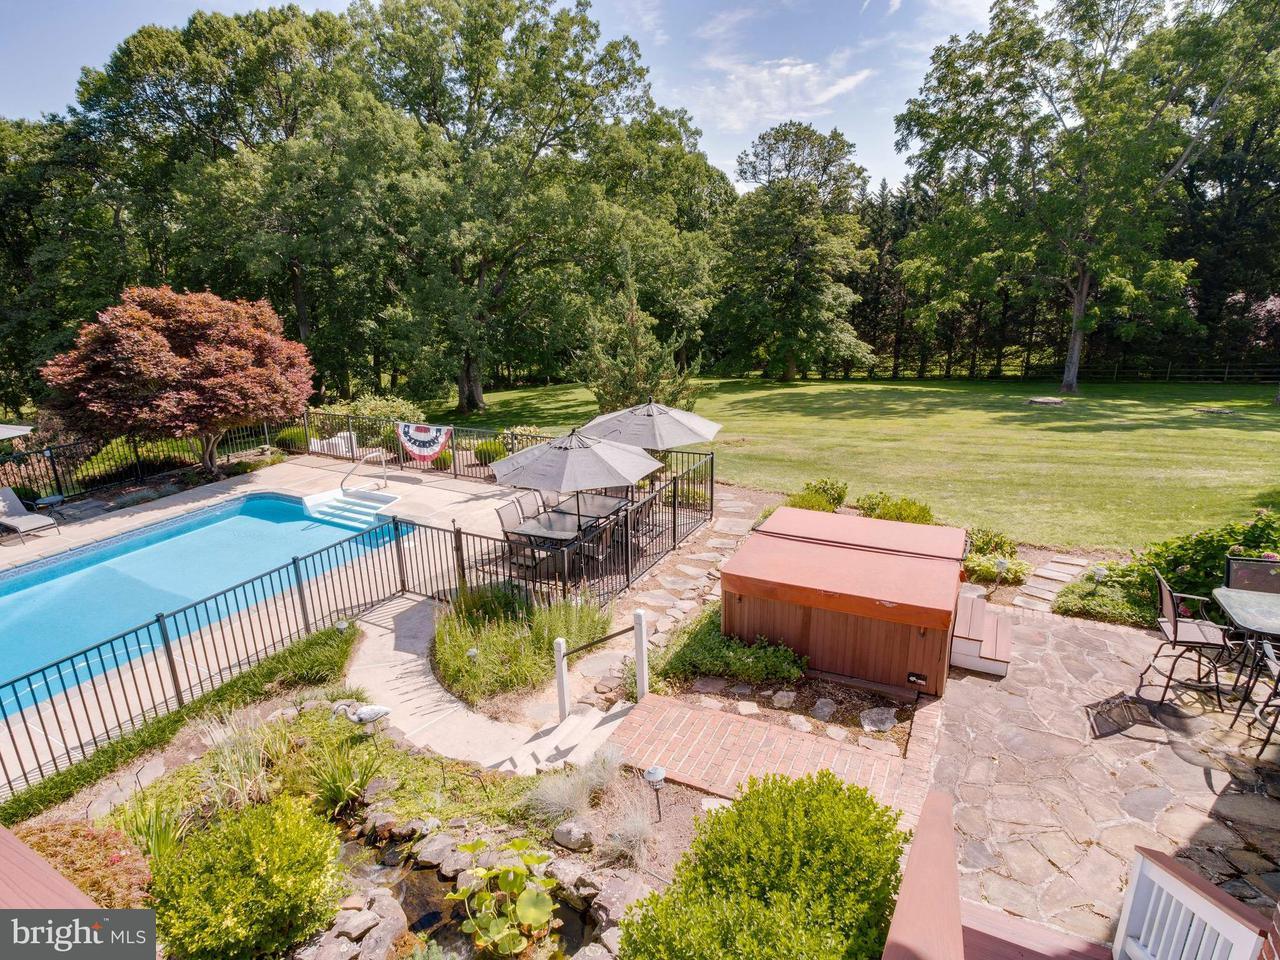 단독 가정 주택 용 매매 에 4540 10 Oaks Road 4540 10 Oaks Road Dayton, 메릴랜드 21036 미국